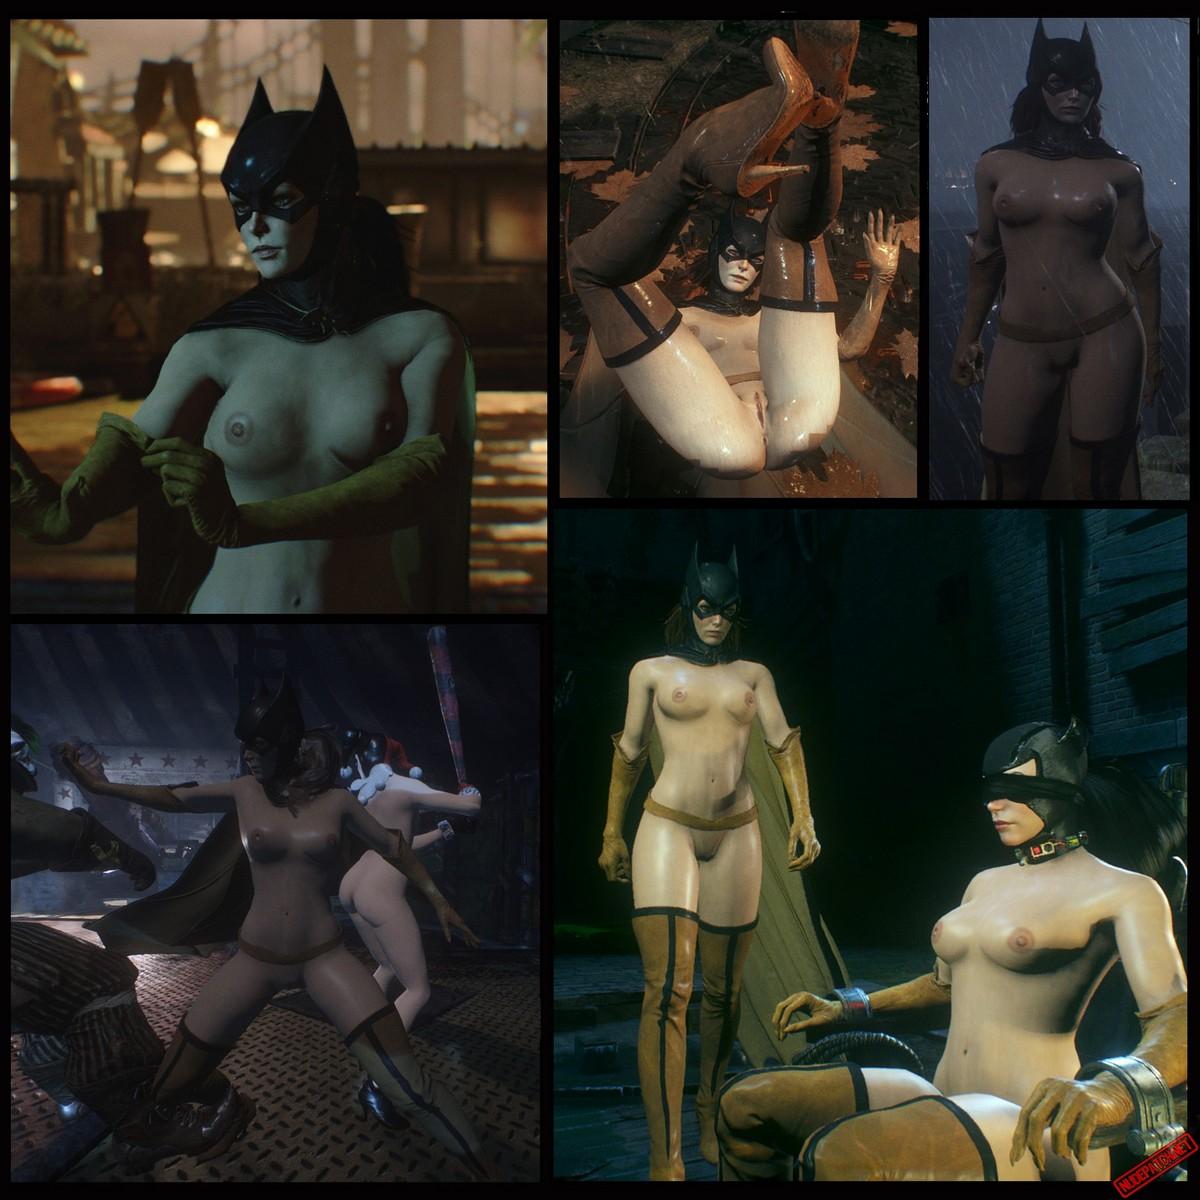 Naked batgirl Batgirl's Thrills